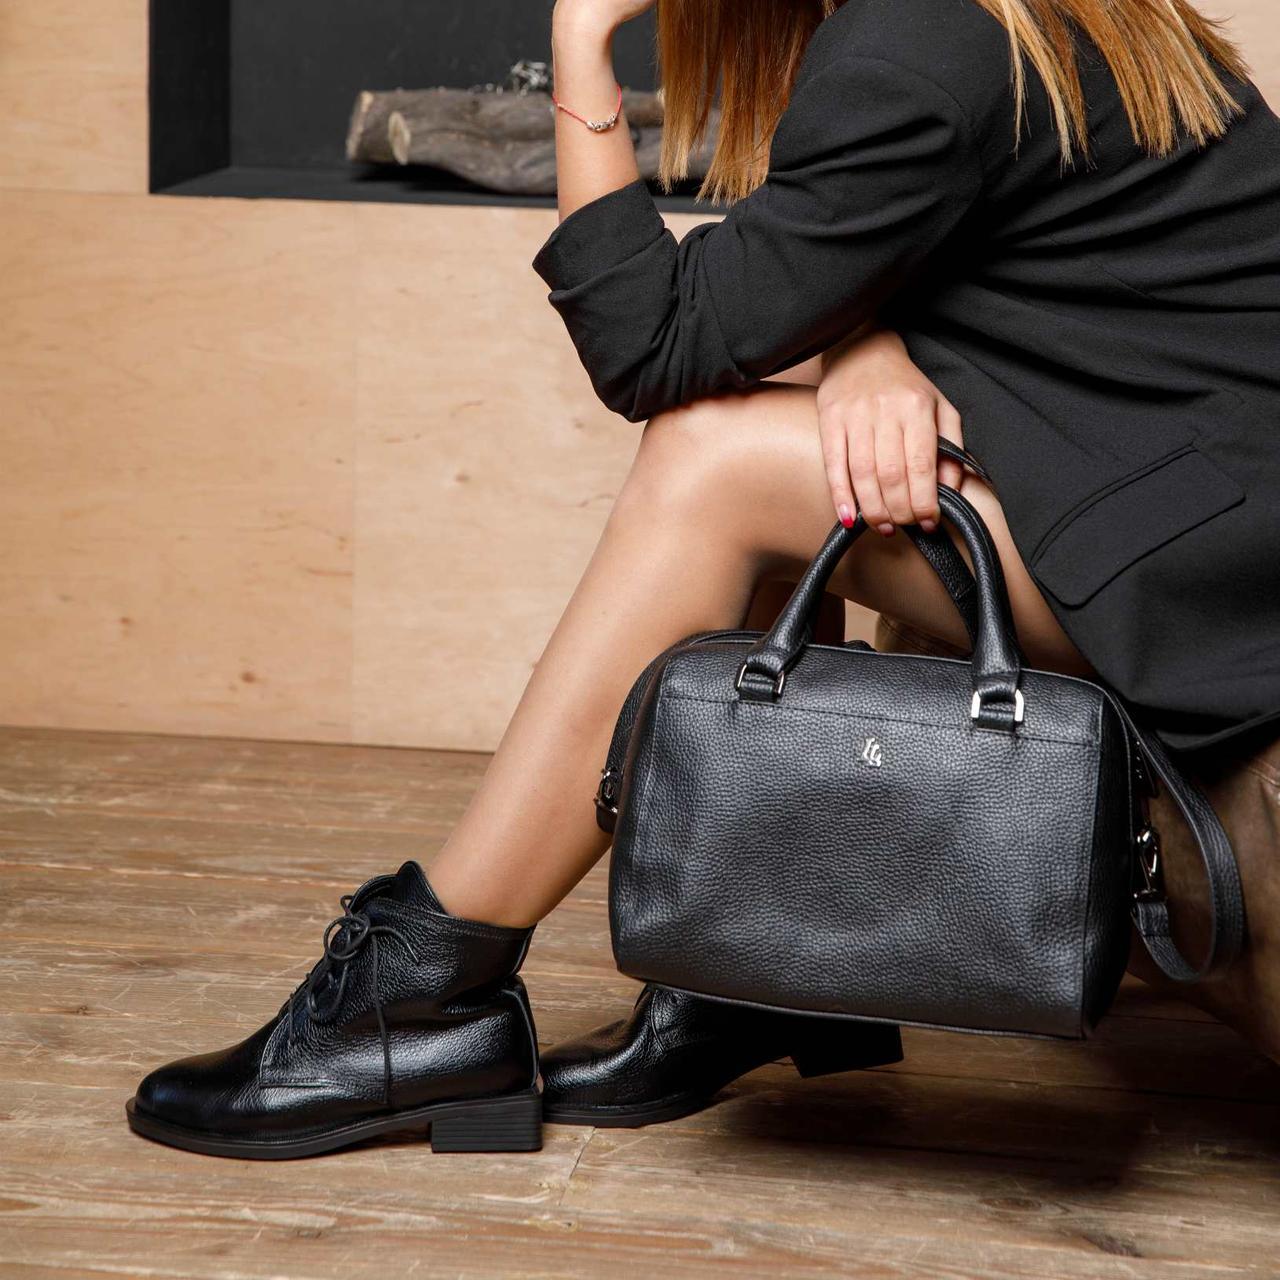 Ботинки женские кожаные на маленьком каблуке. Натуральные материалы. Осень.Зима. Каблук 3,5 см